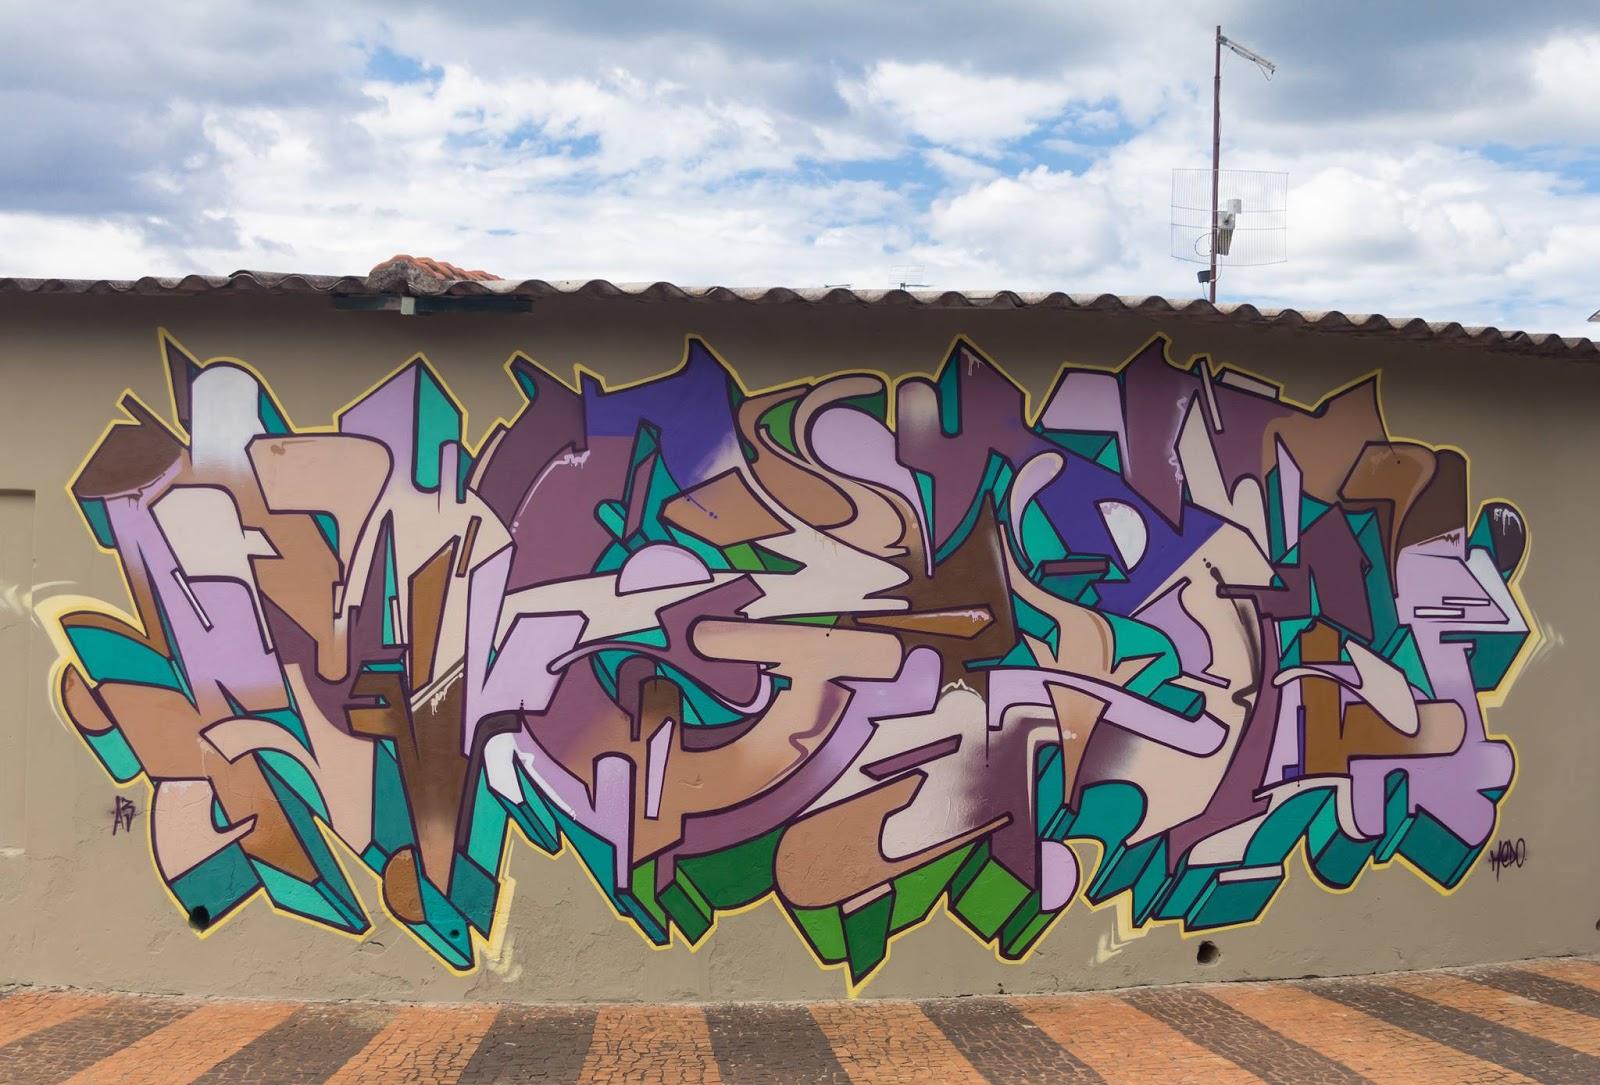 участвует граффити андрей картинки на русском сестры традиционно